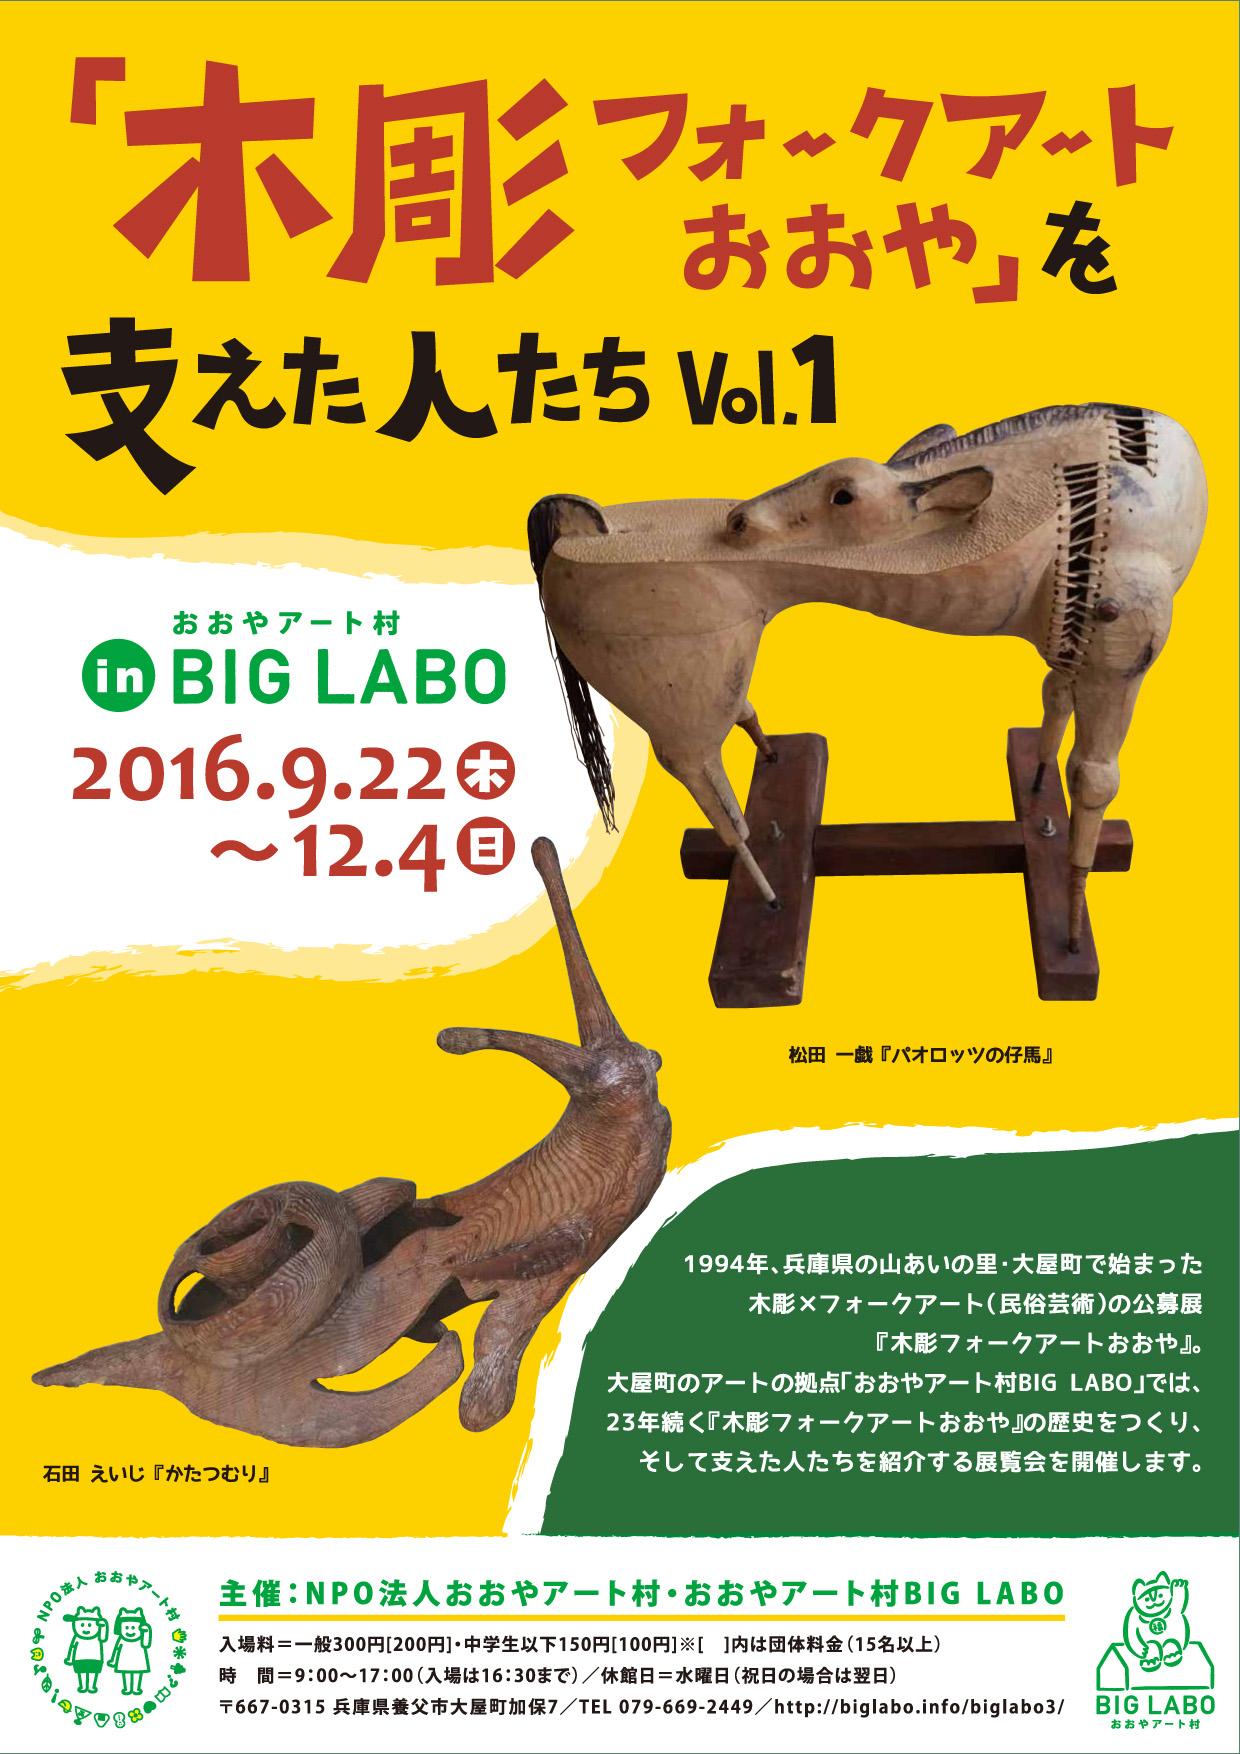 『木彫フォークアートおおや』を支えた人たち Vol.1 2016.922~12.4